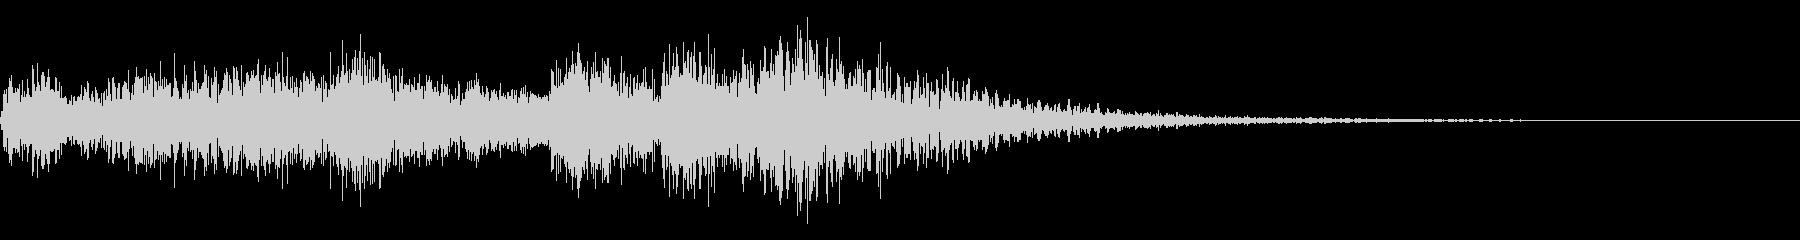 陽気なオーケストラアイキャッチの未再生の波形